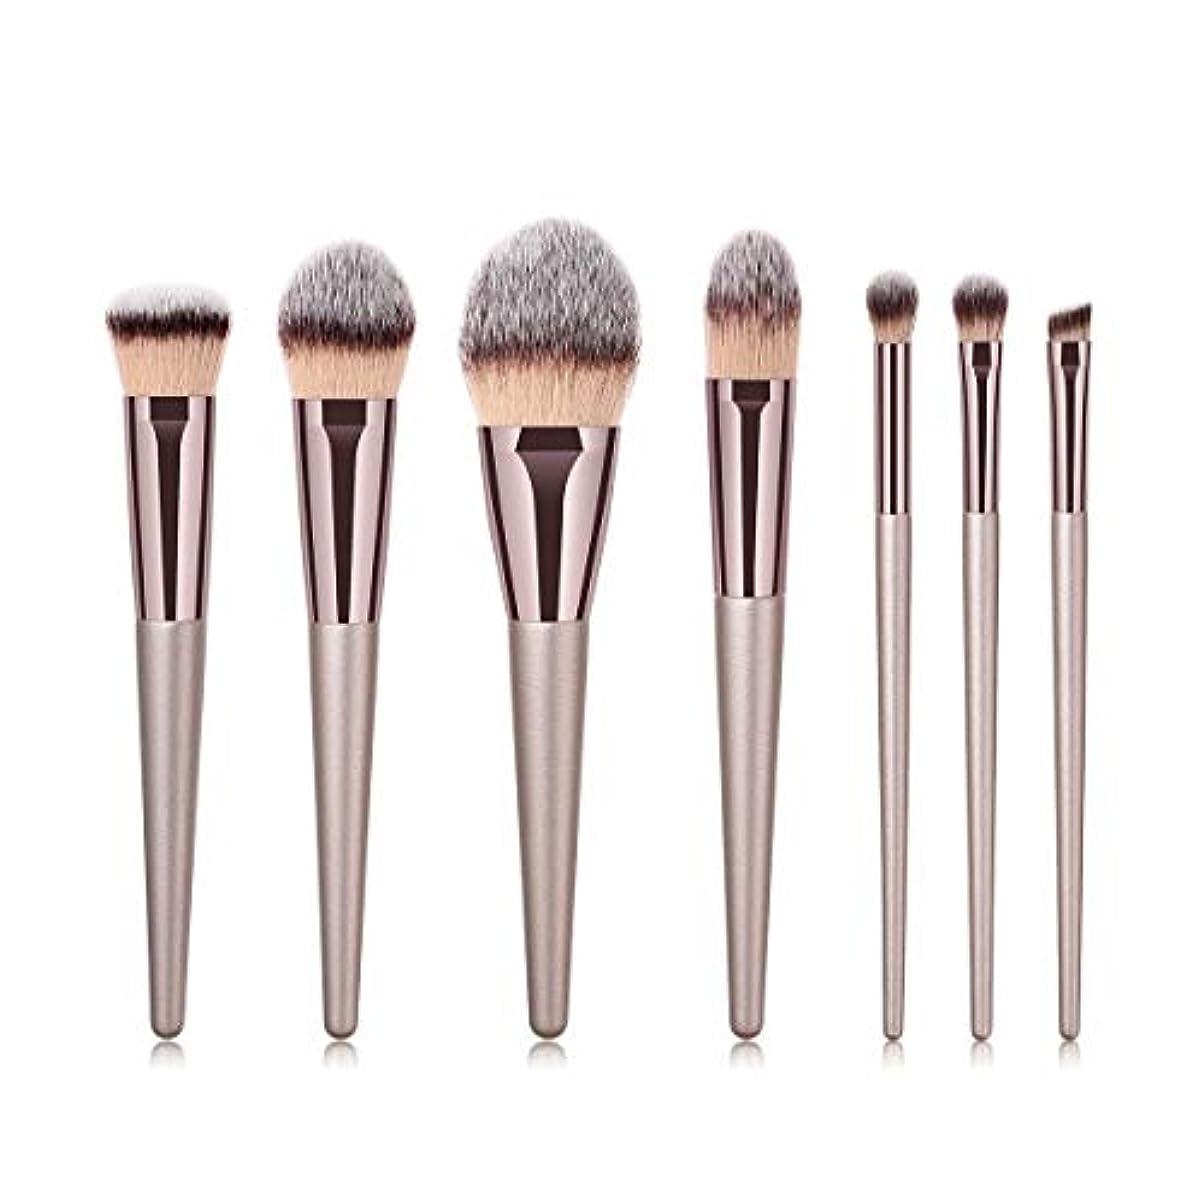 低いパース破壊するMakeup brushes 7化粧ブラシファンデーションブラシパウダーブラッシュブラシアイシャドーブラシハイトグロスシルエットブラシセットブラシグレー suits (Color : Gray)